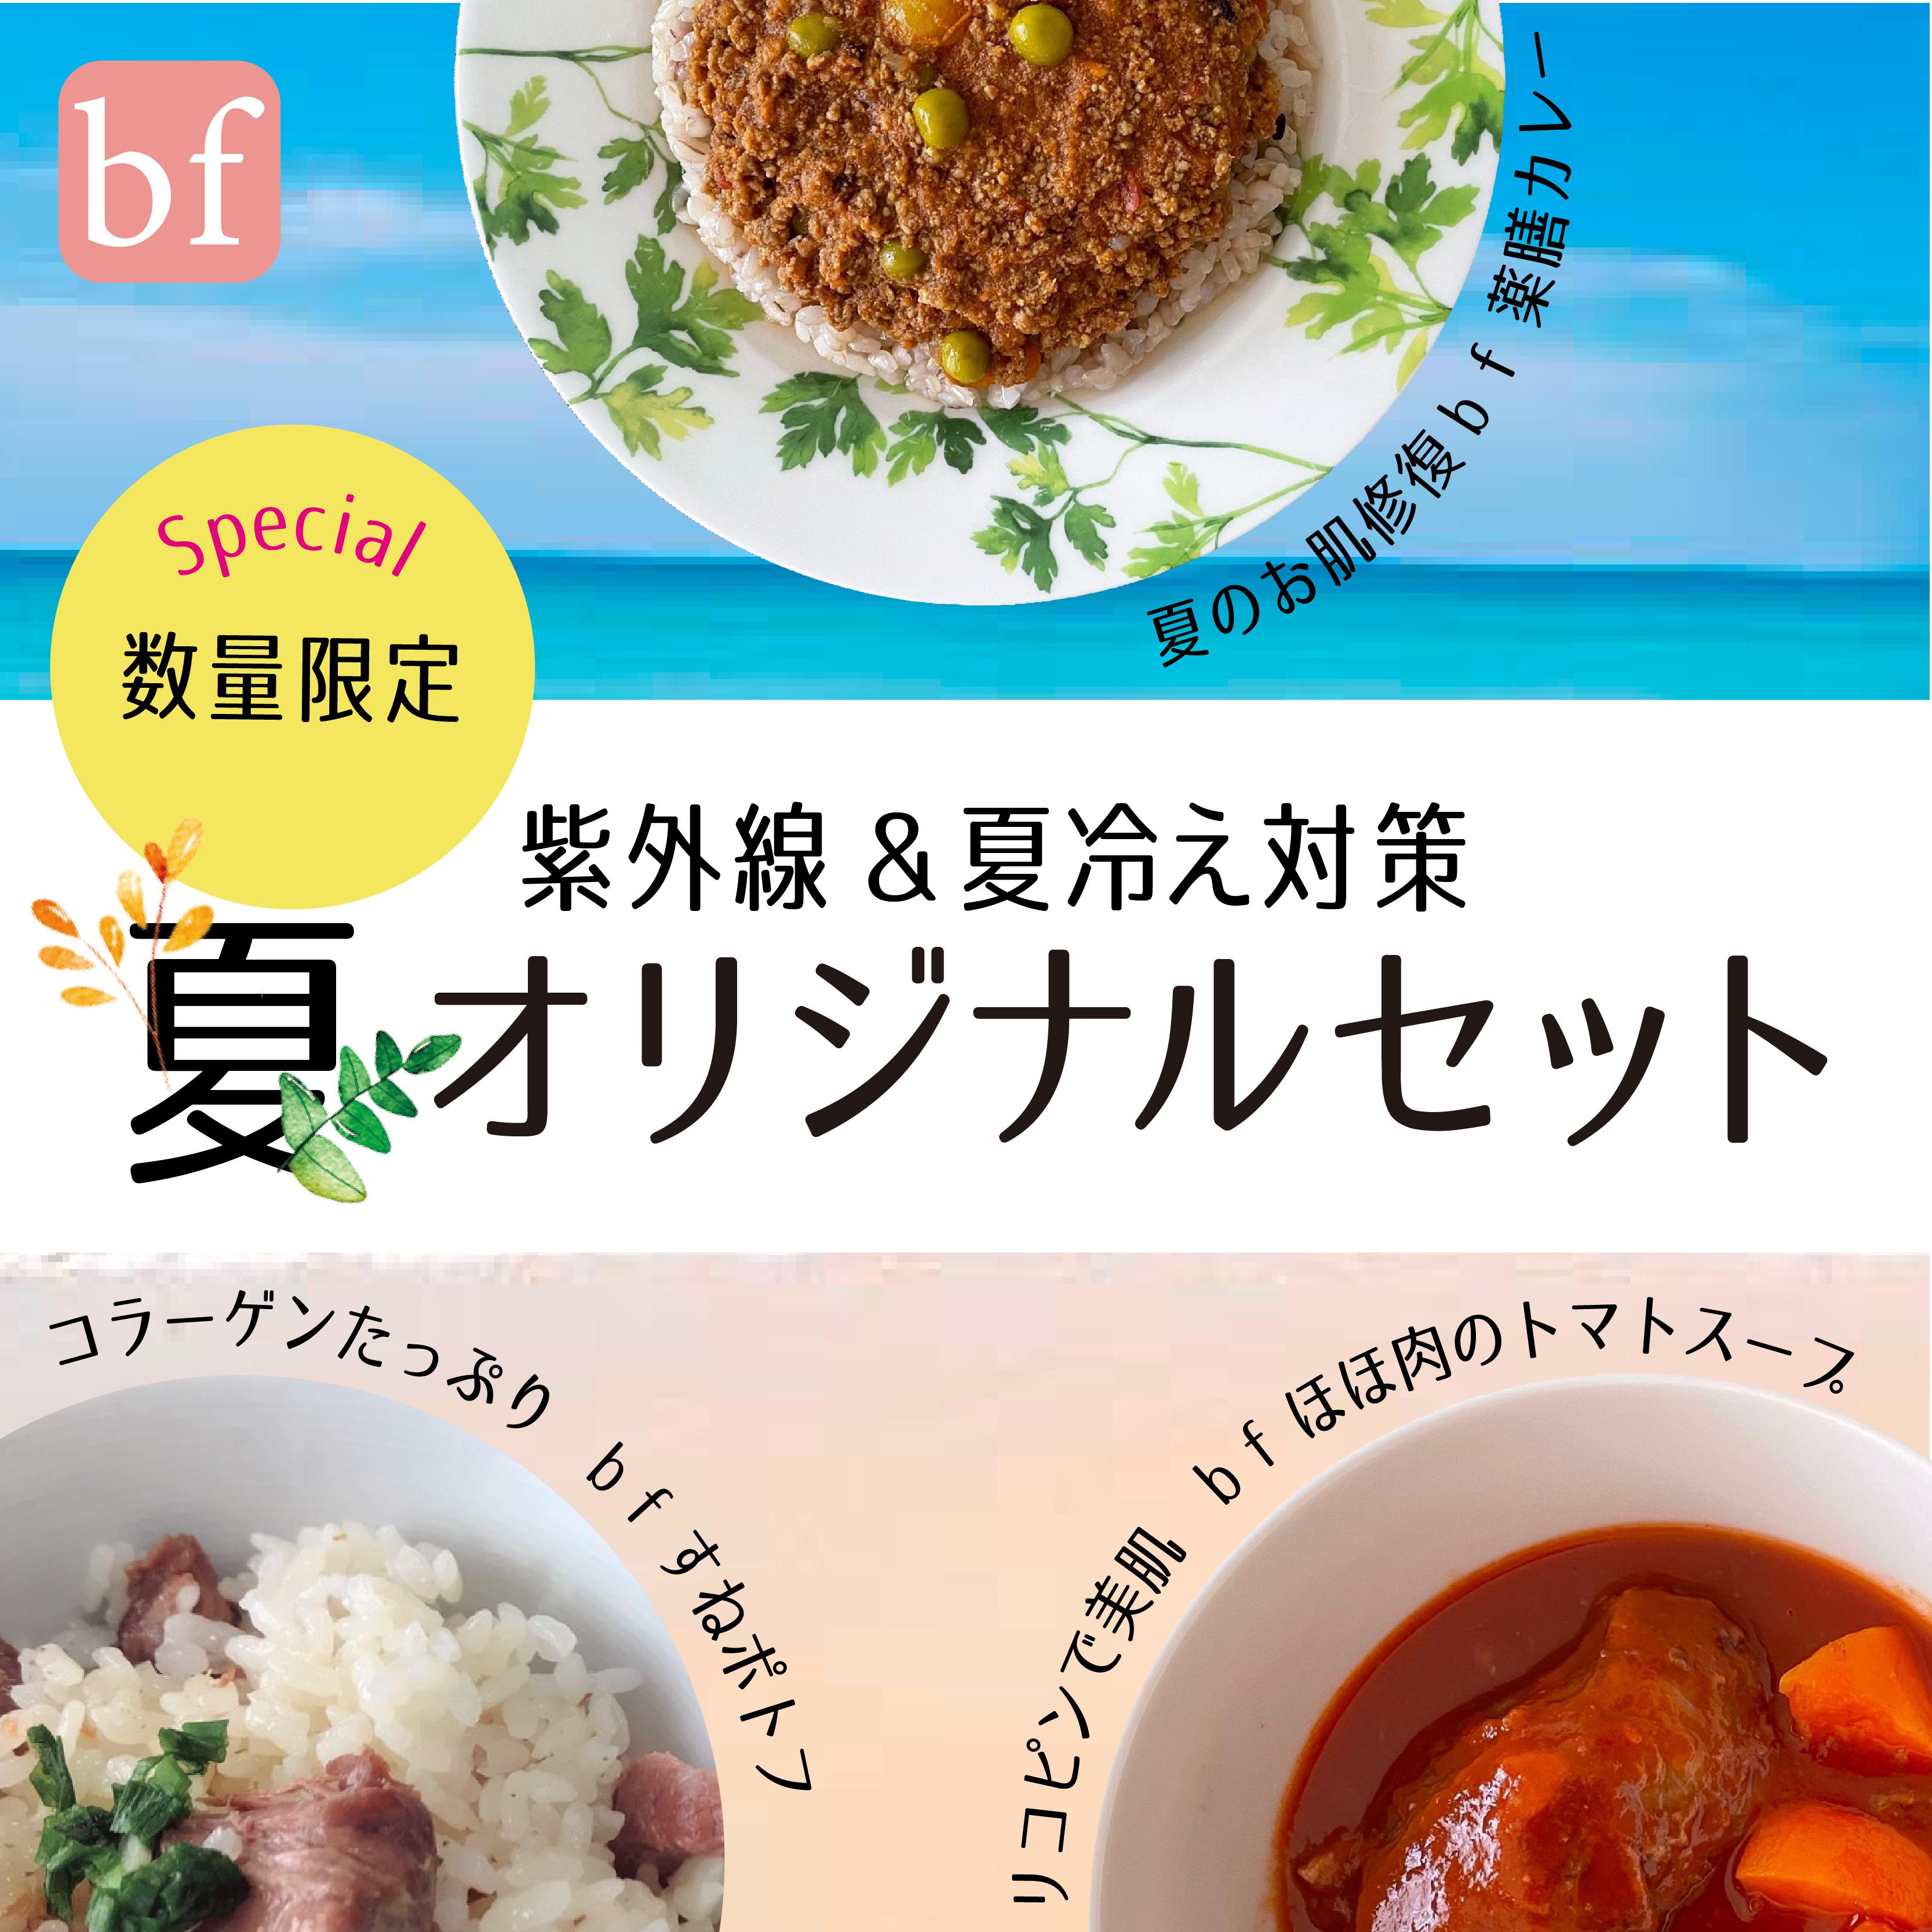 \bf1周年感謝祭/のお知らせ